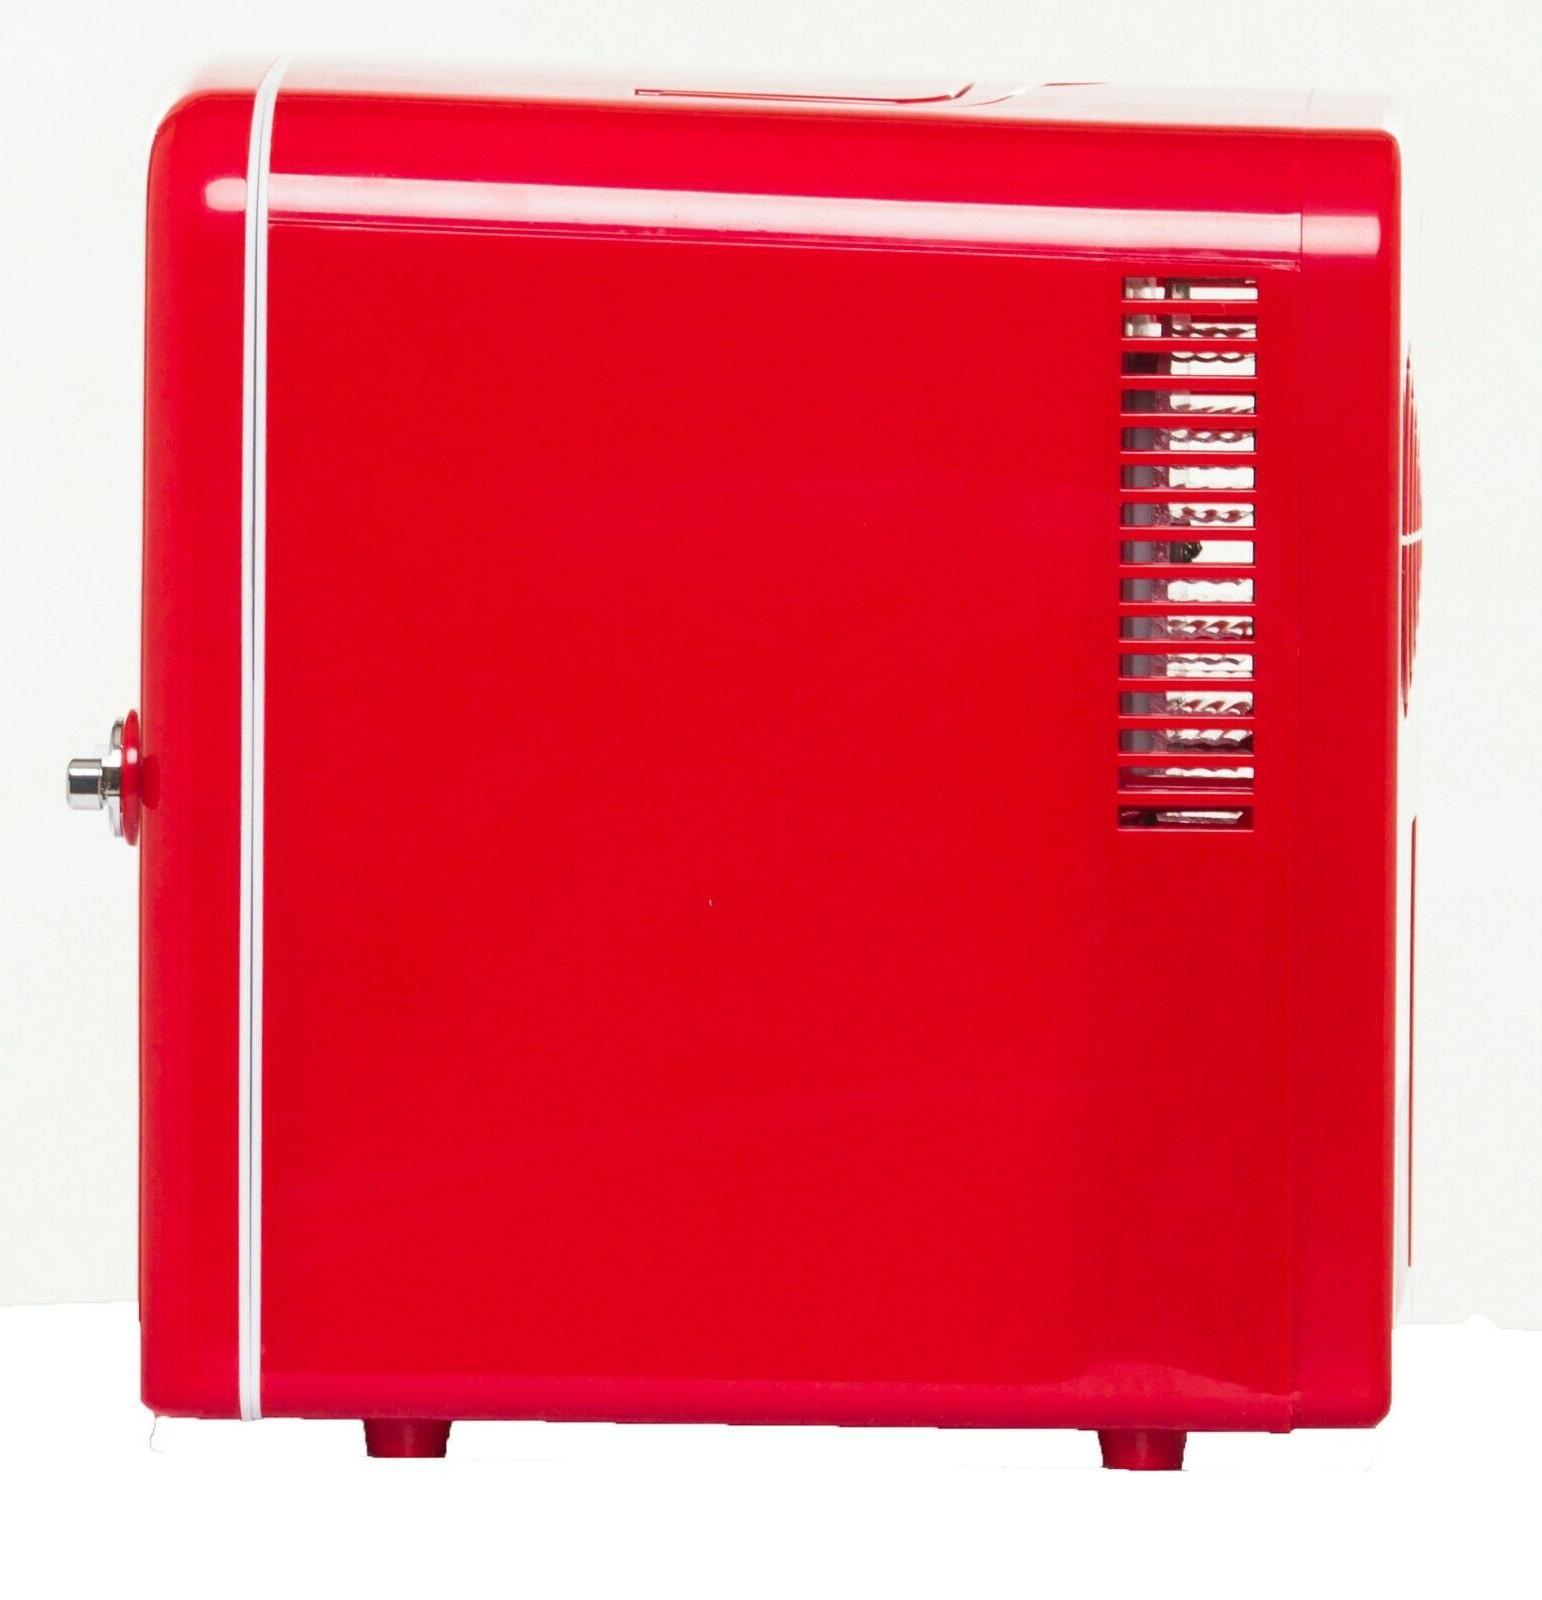 Frigidaire Retro 6 Mini Fridge Red Home